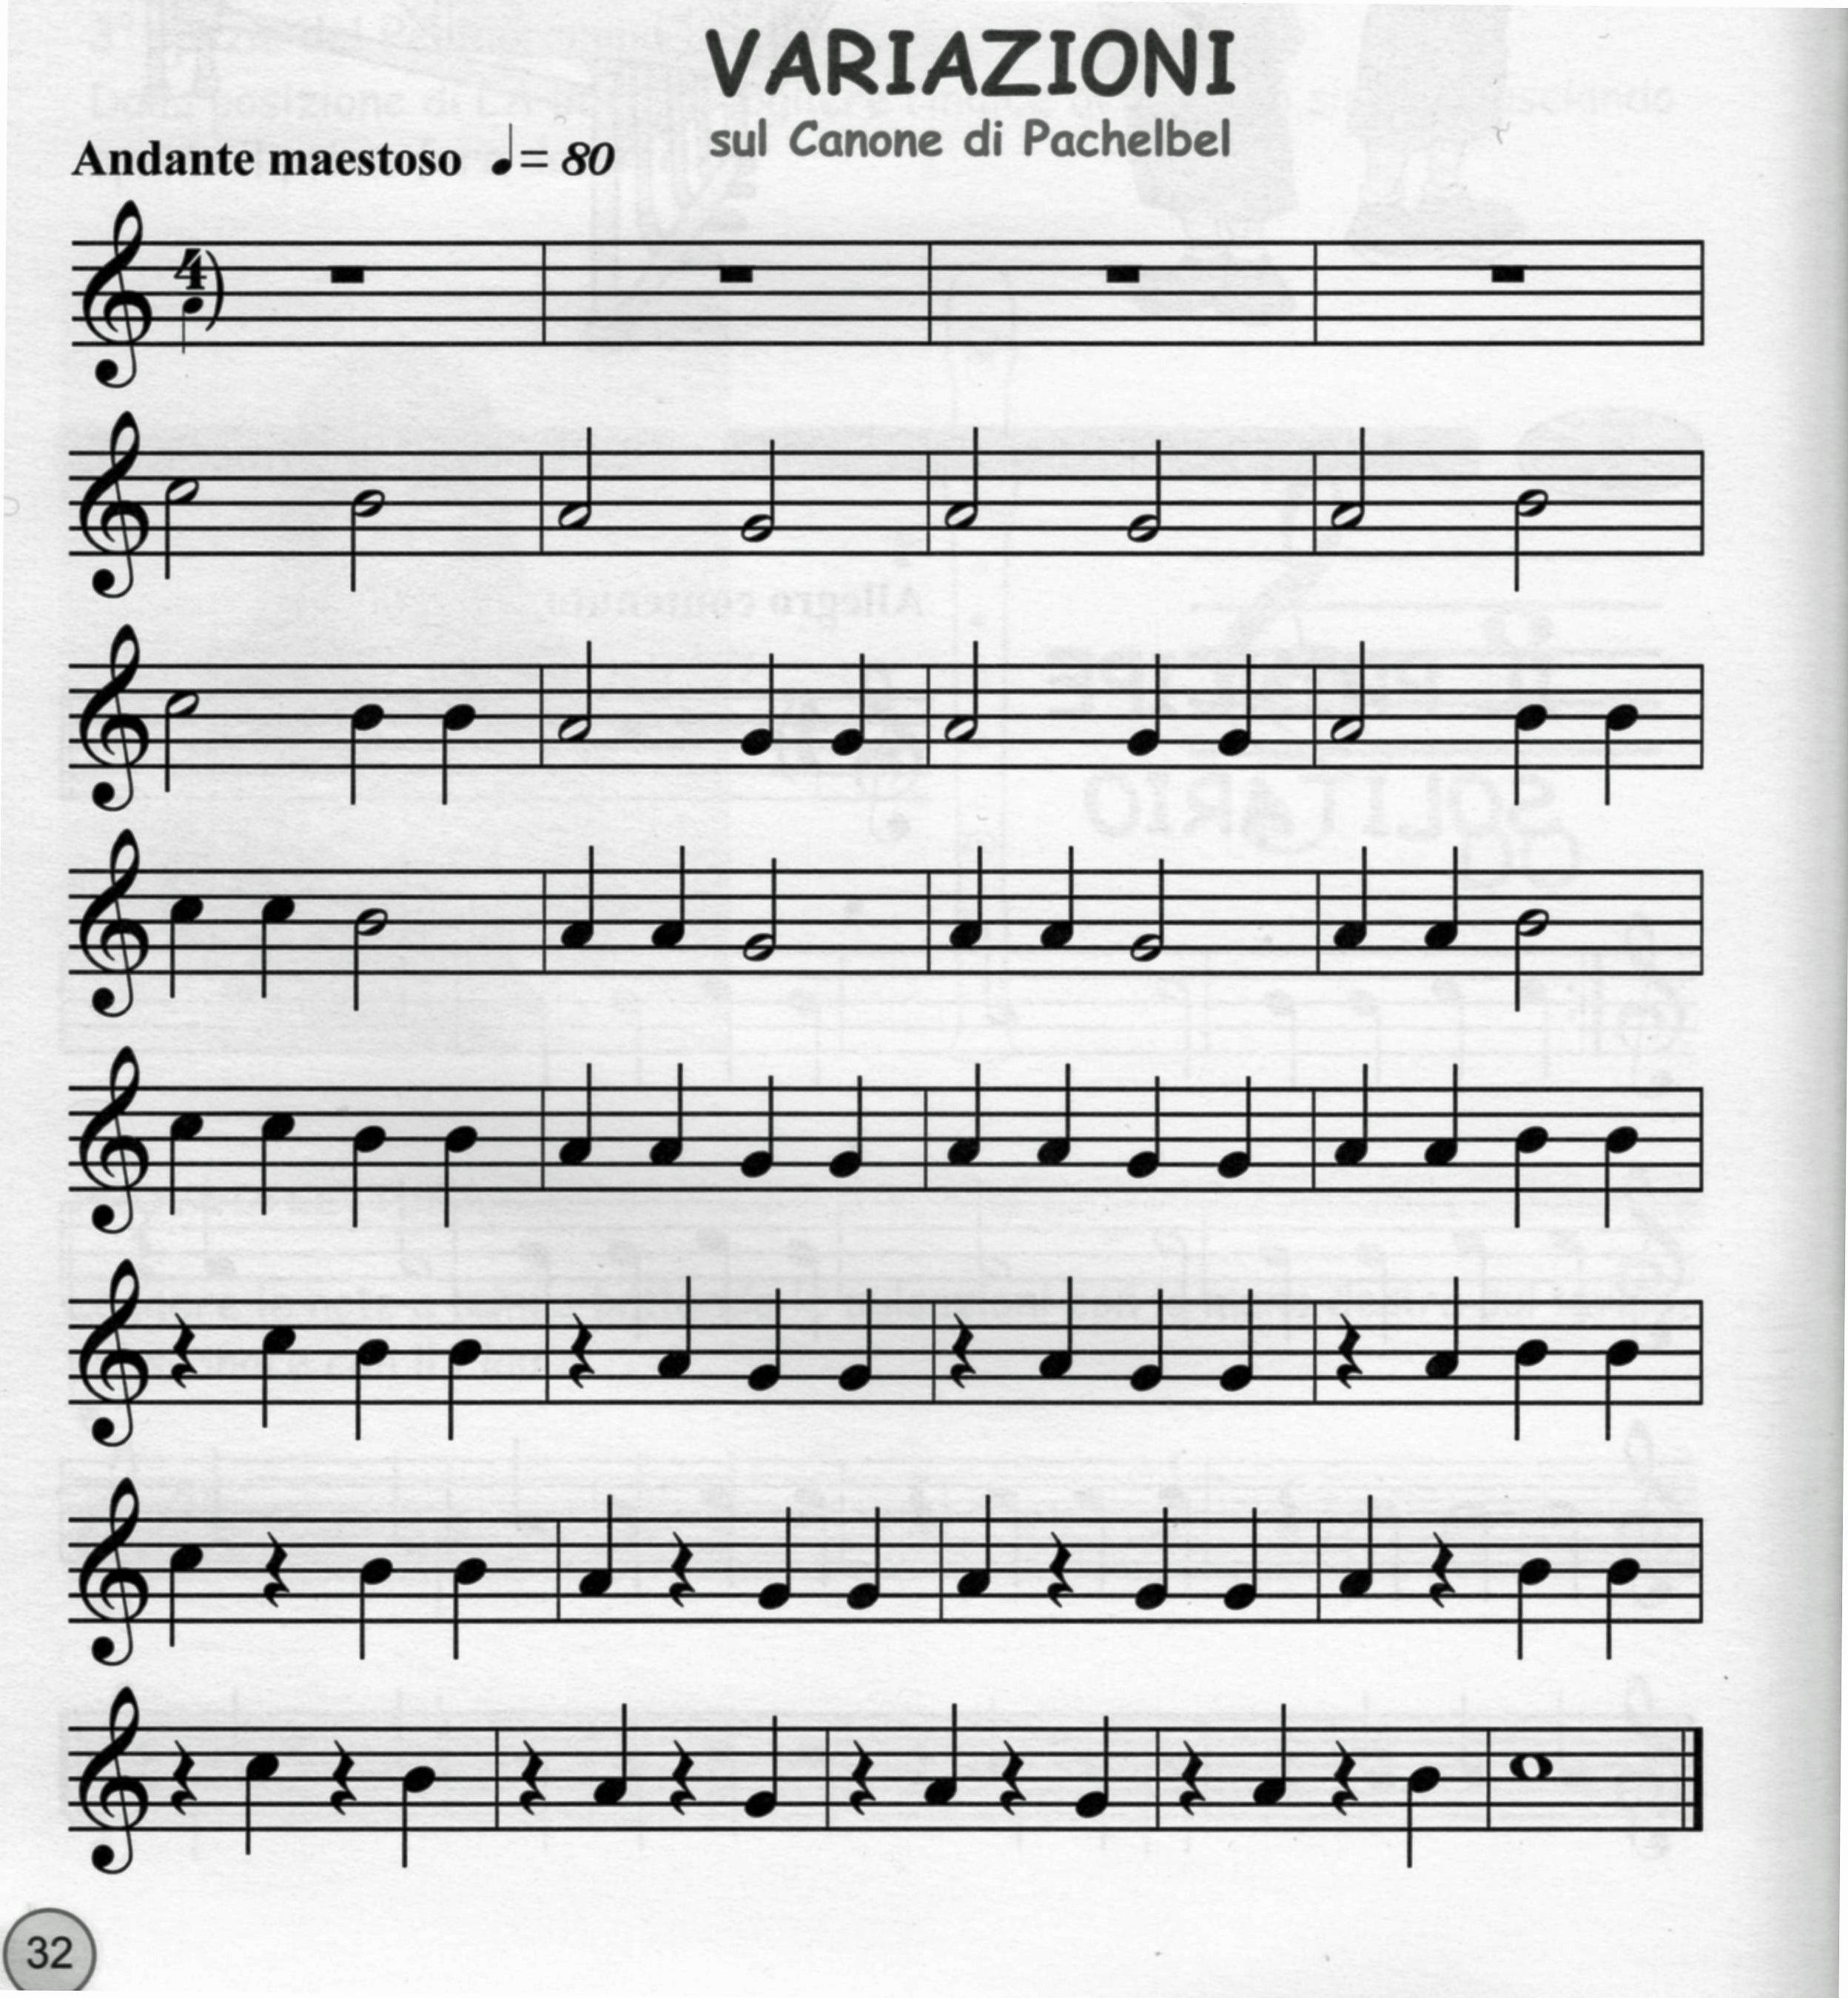 MUSICA TIROLESE MP3 DA SCARICA